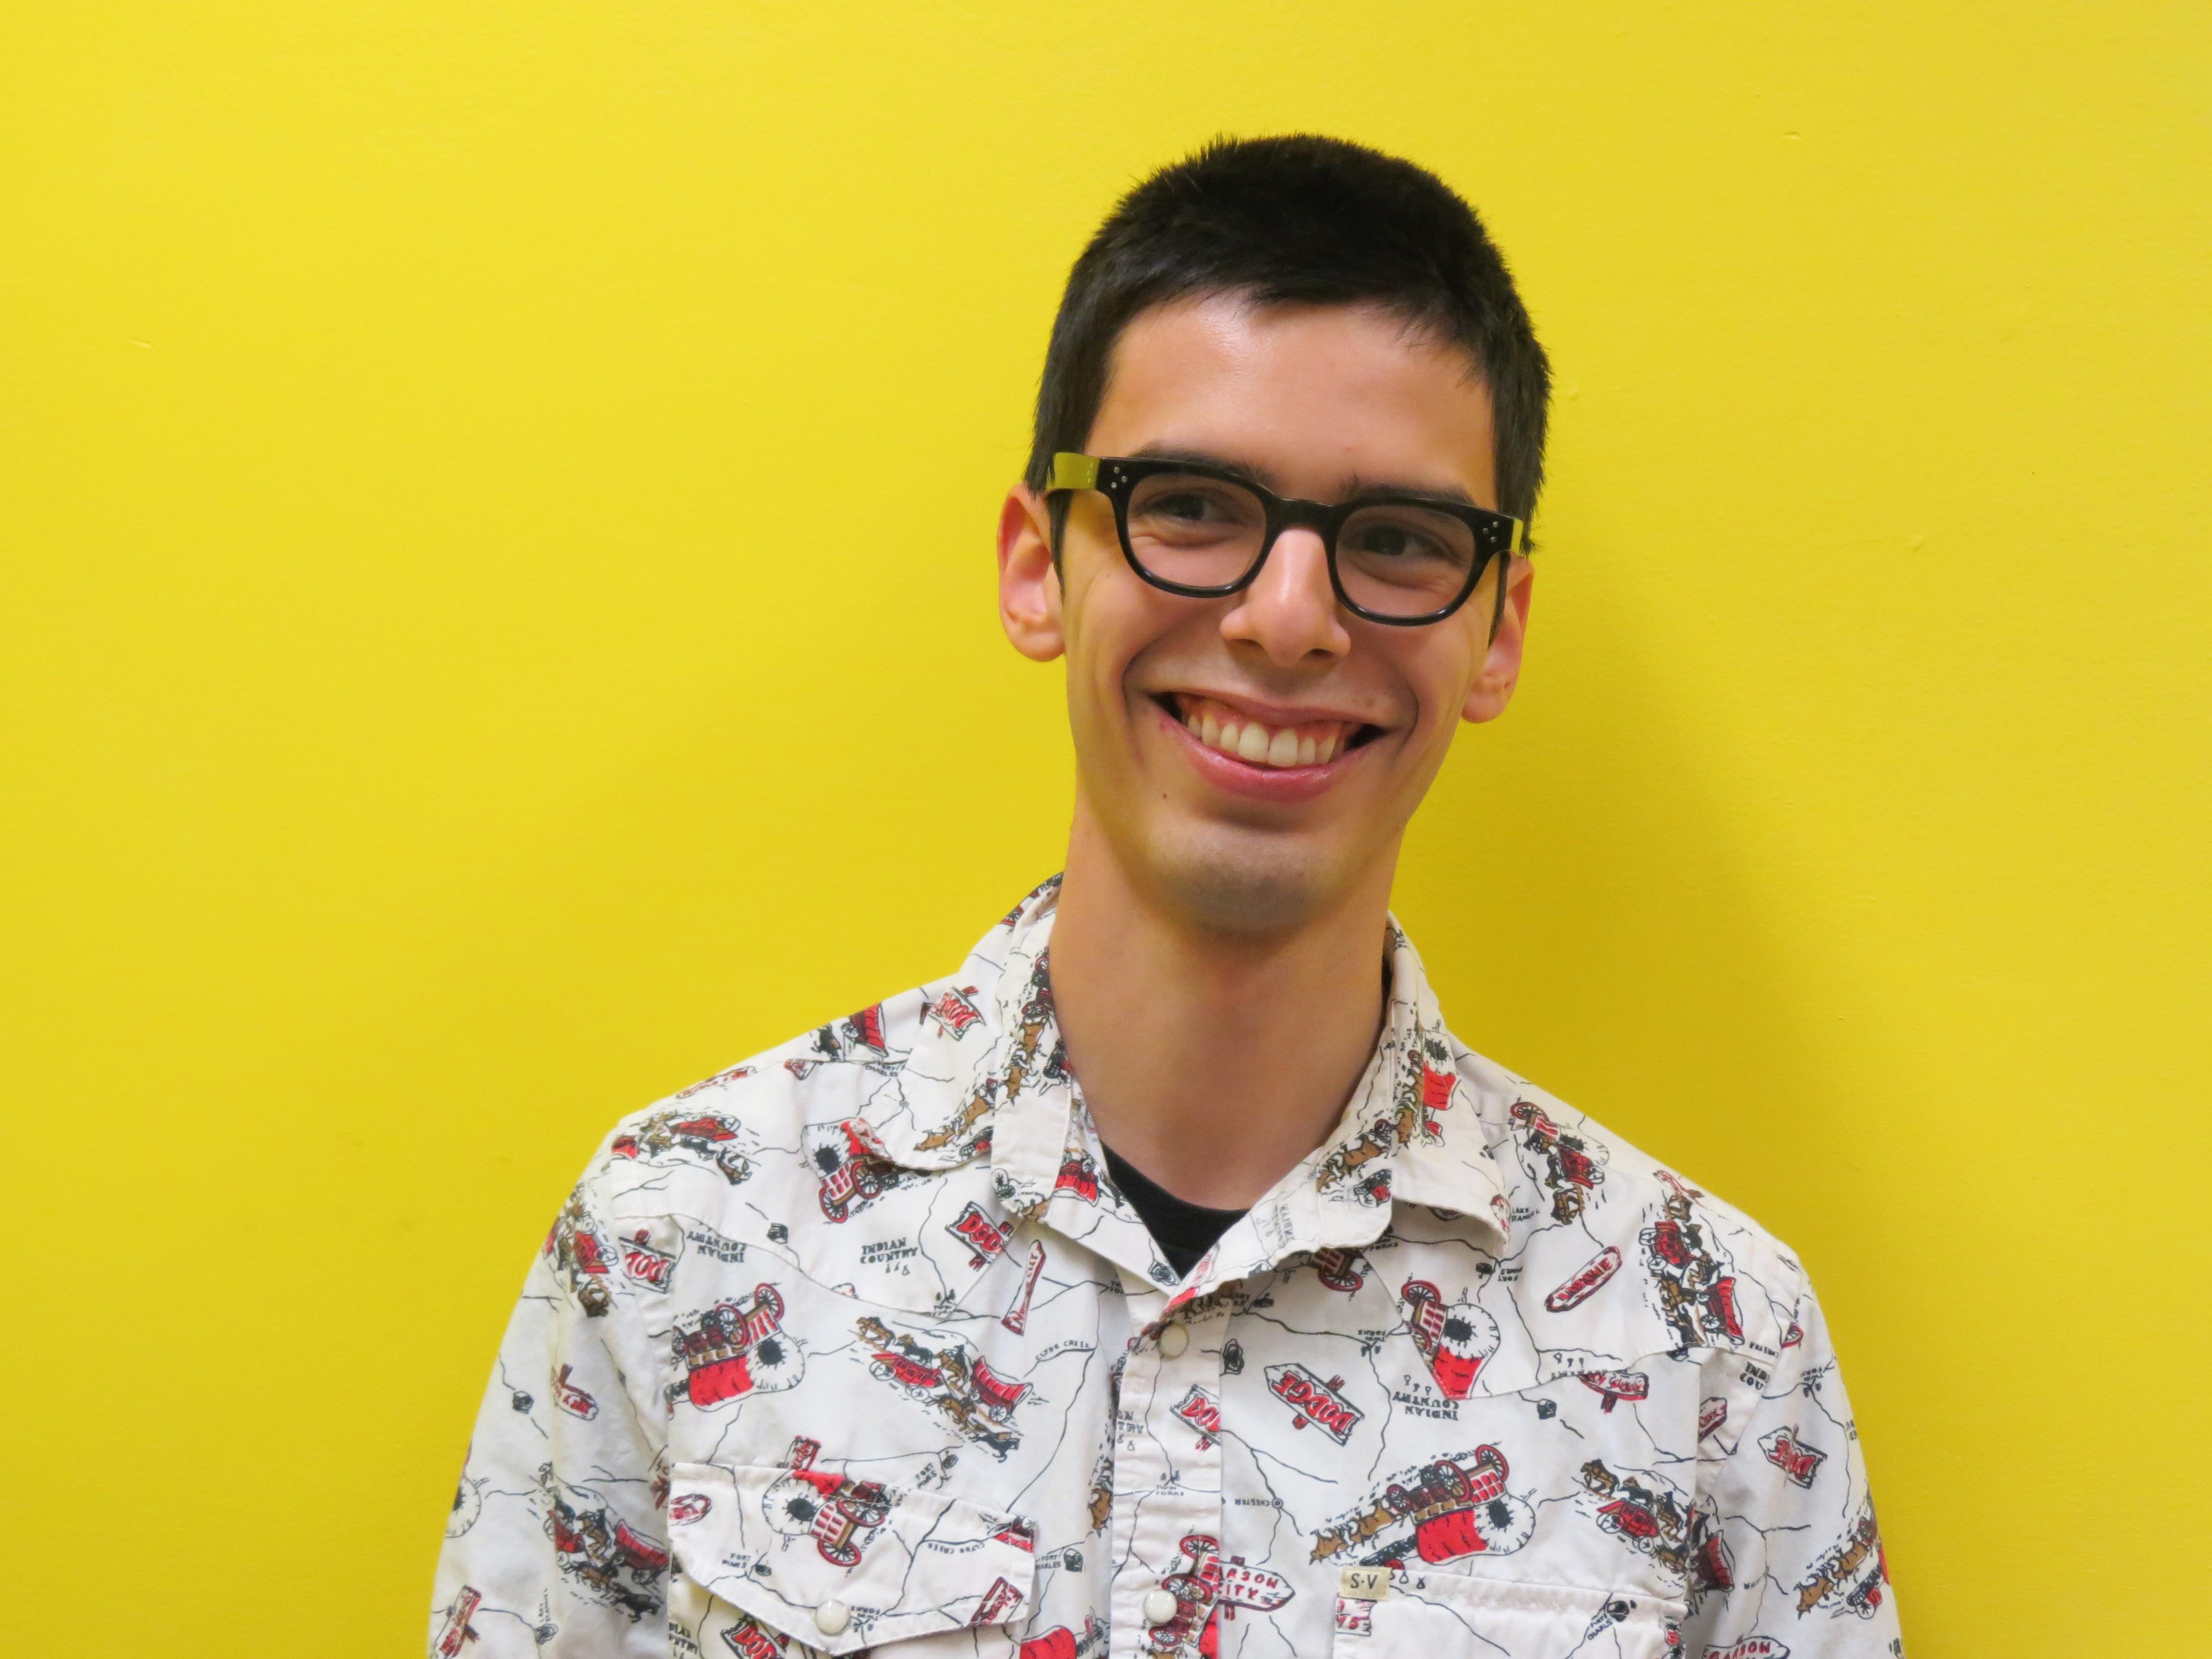 El contribuidor de La Voz y estudiante de Bard College, Kevin Soto. Foto de Andrés Martínez de Velasco